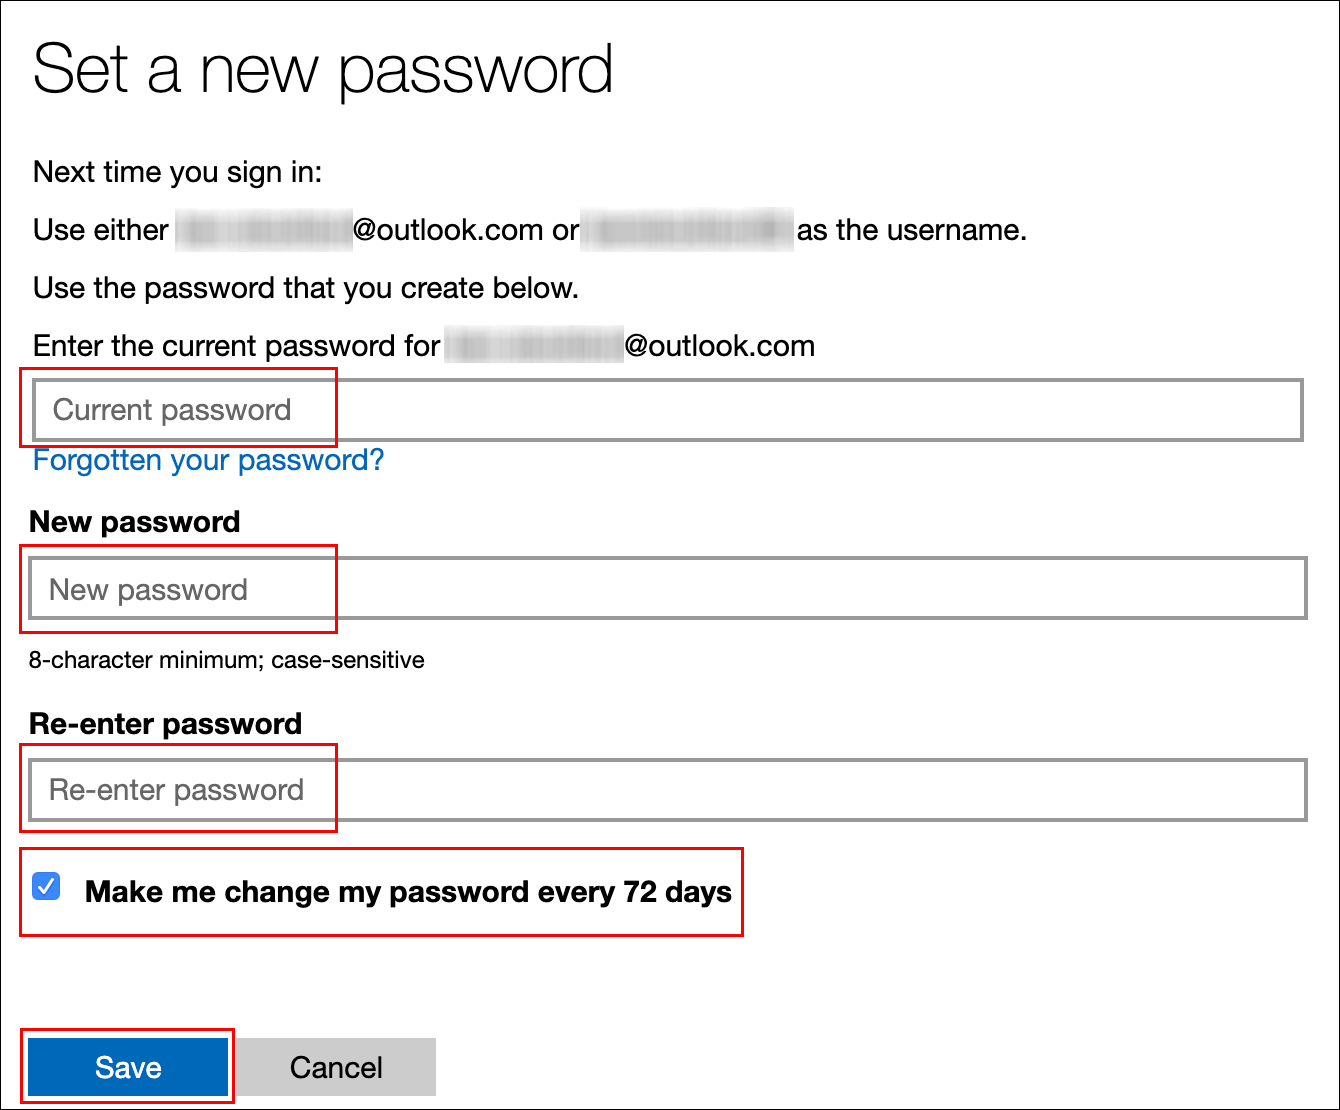 """Saisissez votre mot de passe actuel, saisissez un nouveau mot de passe, cochez la case à côté de """"Fais-moi changer mon mot de passe tous les 72 jours,"""" puis cliquez sur """"Sauver."""""""